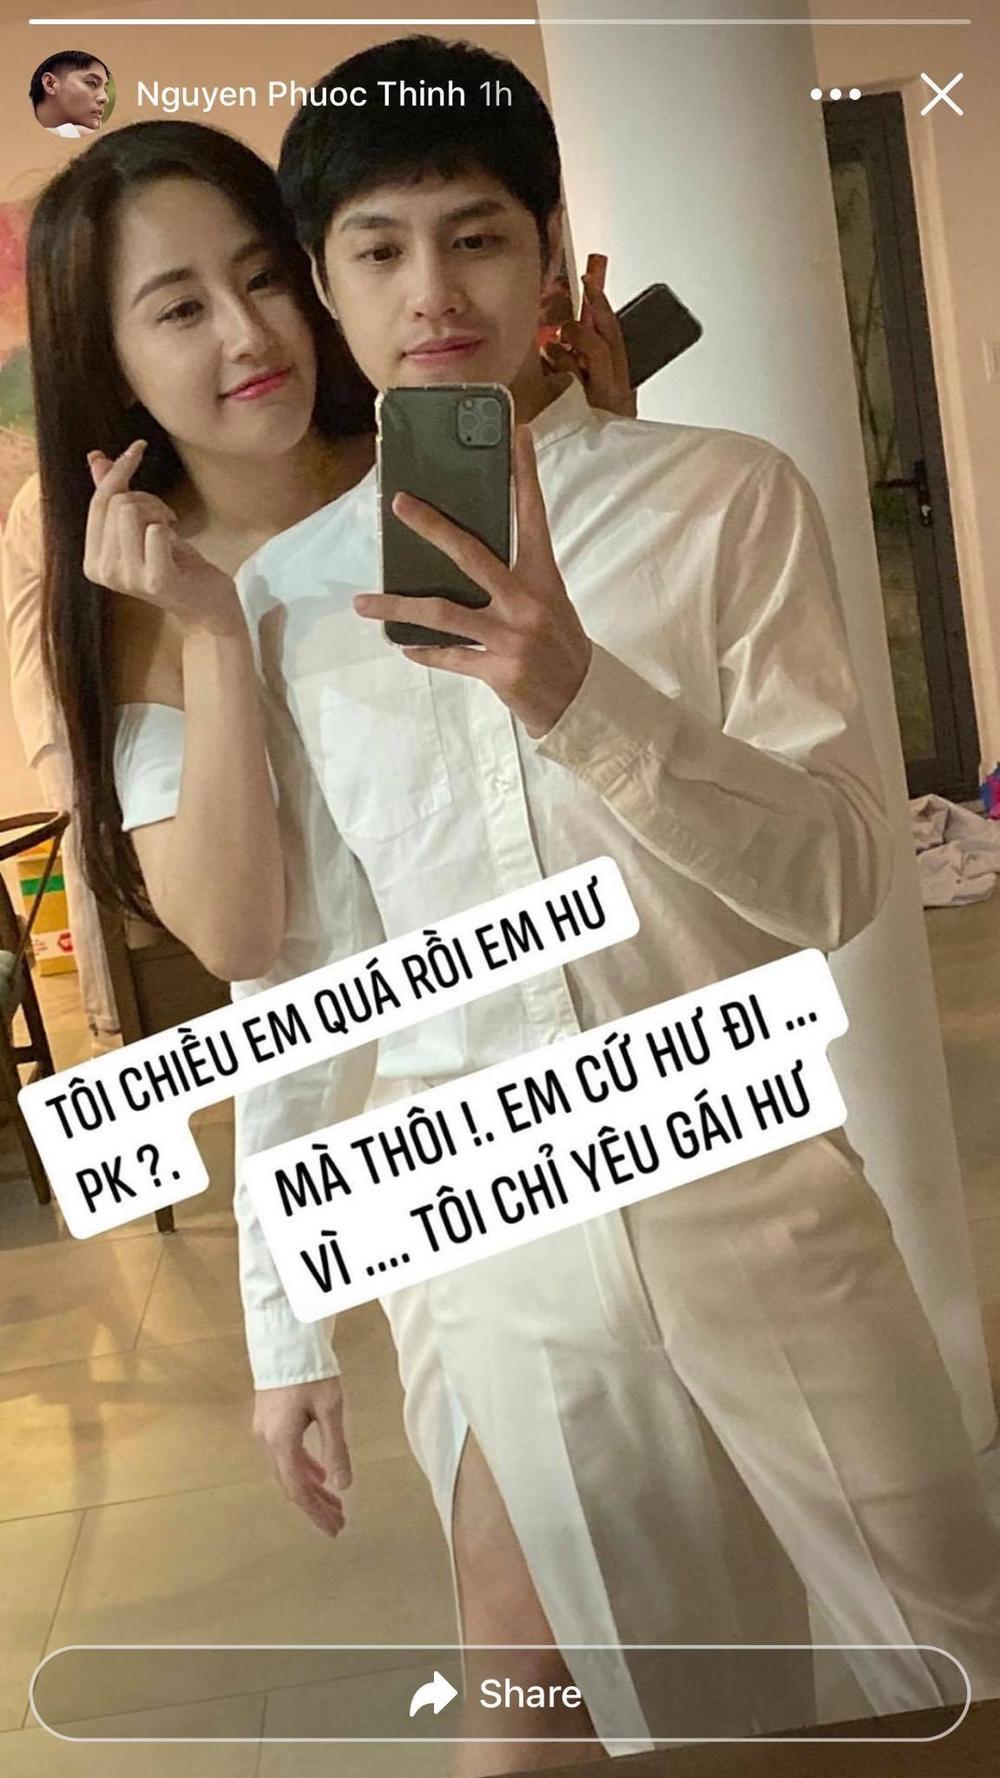 Mai Phương Thuý bị 'dòm ngó', Noo Phước Thịnh đáp trả: 'Chỉ muốn bụp mấy ông ngắm vợ mình' Ảnh 4